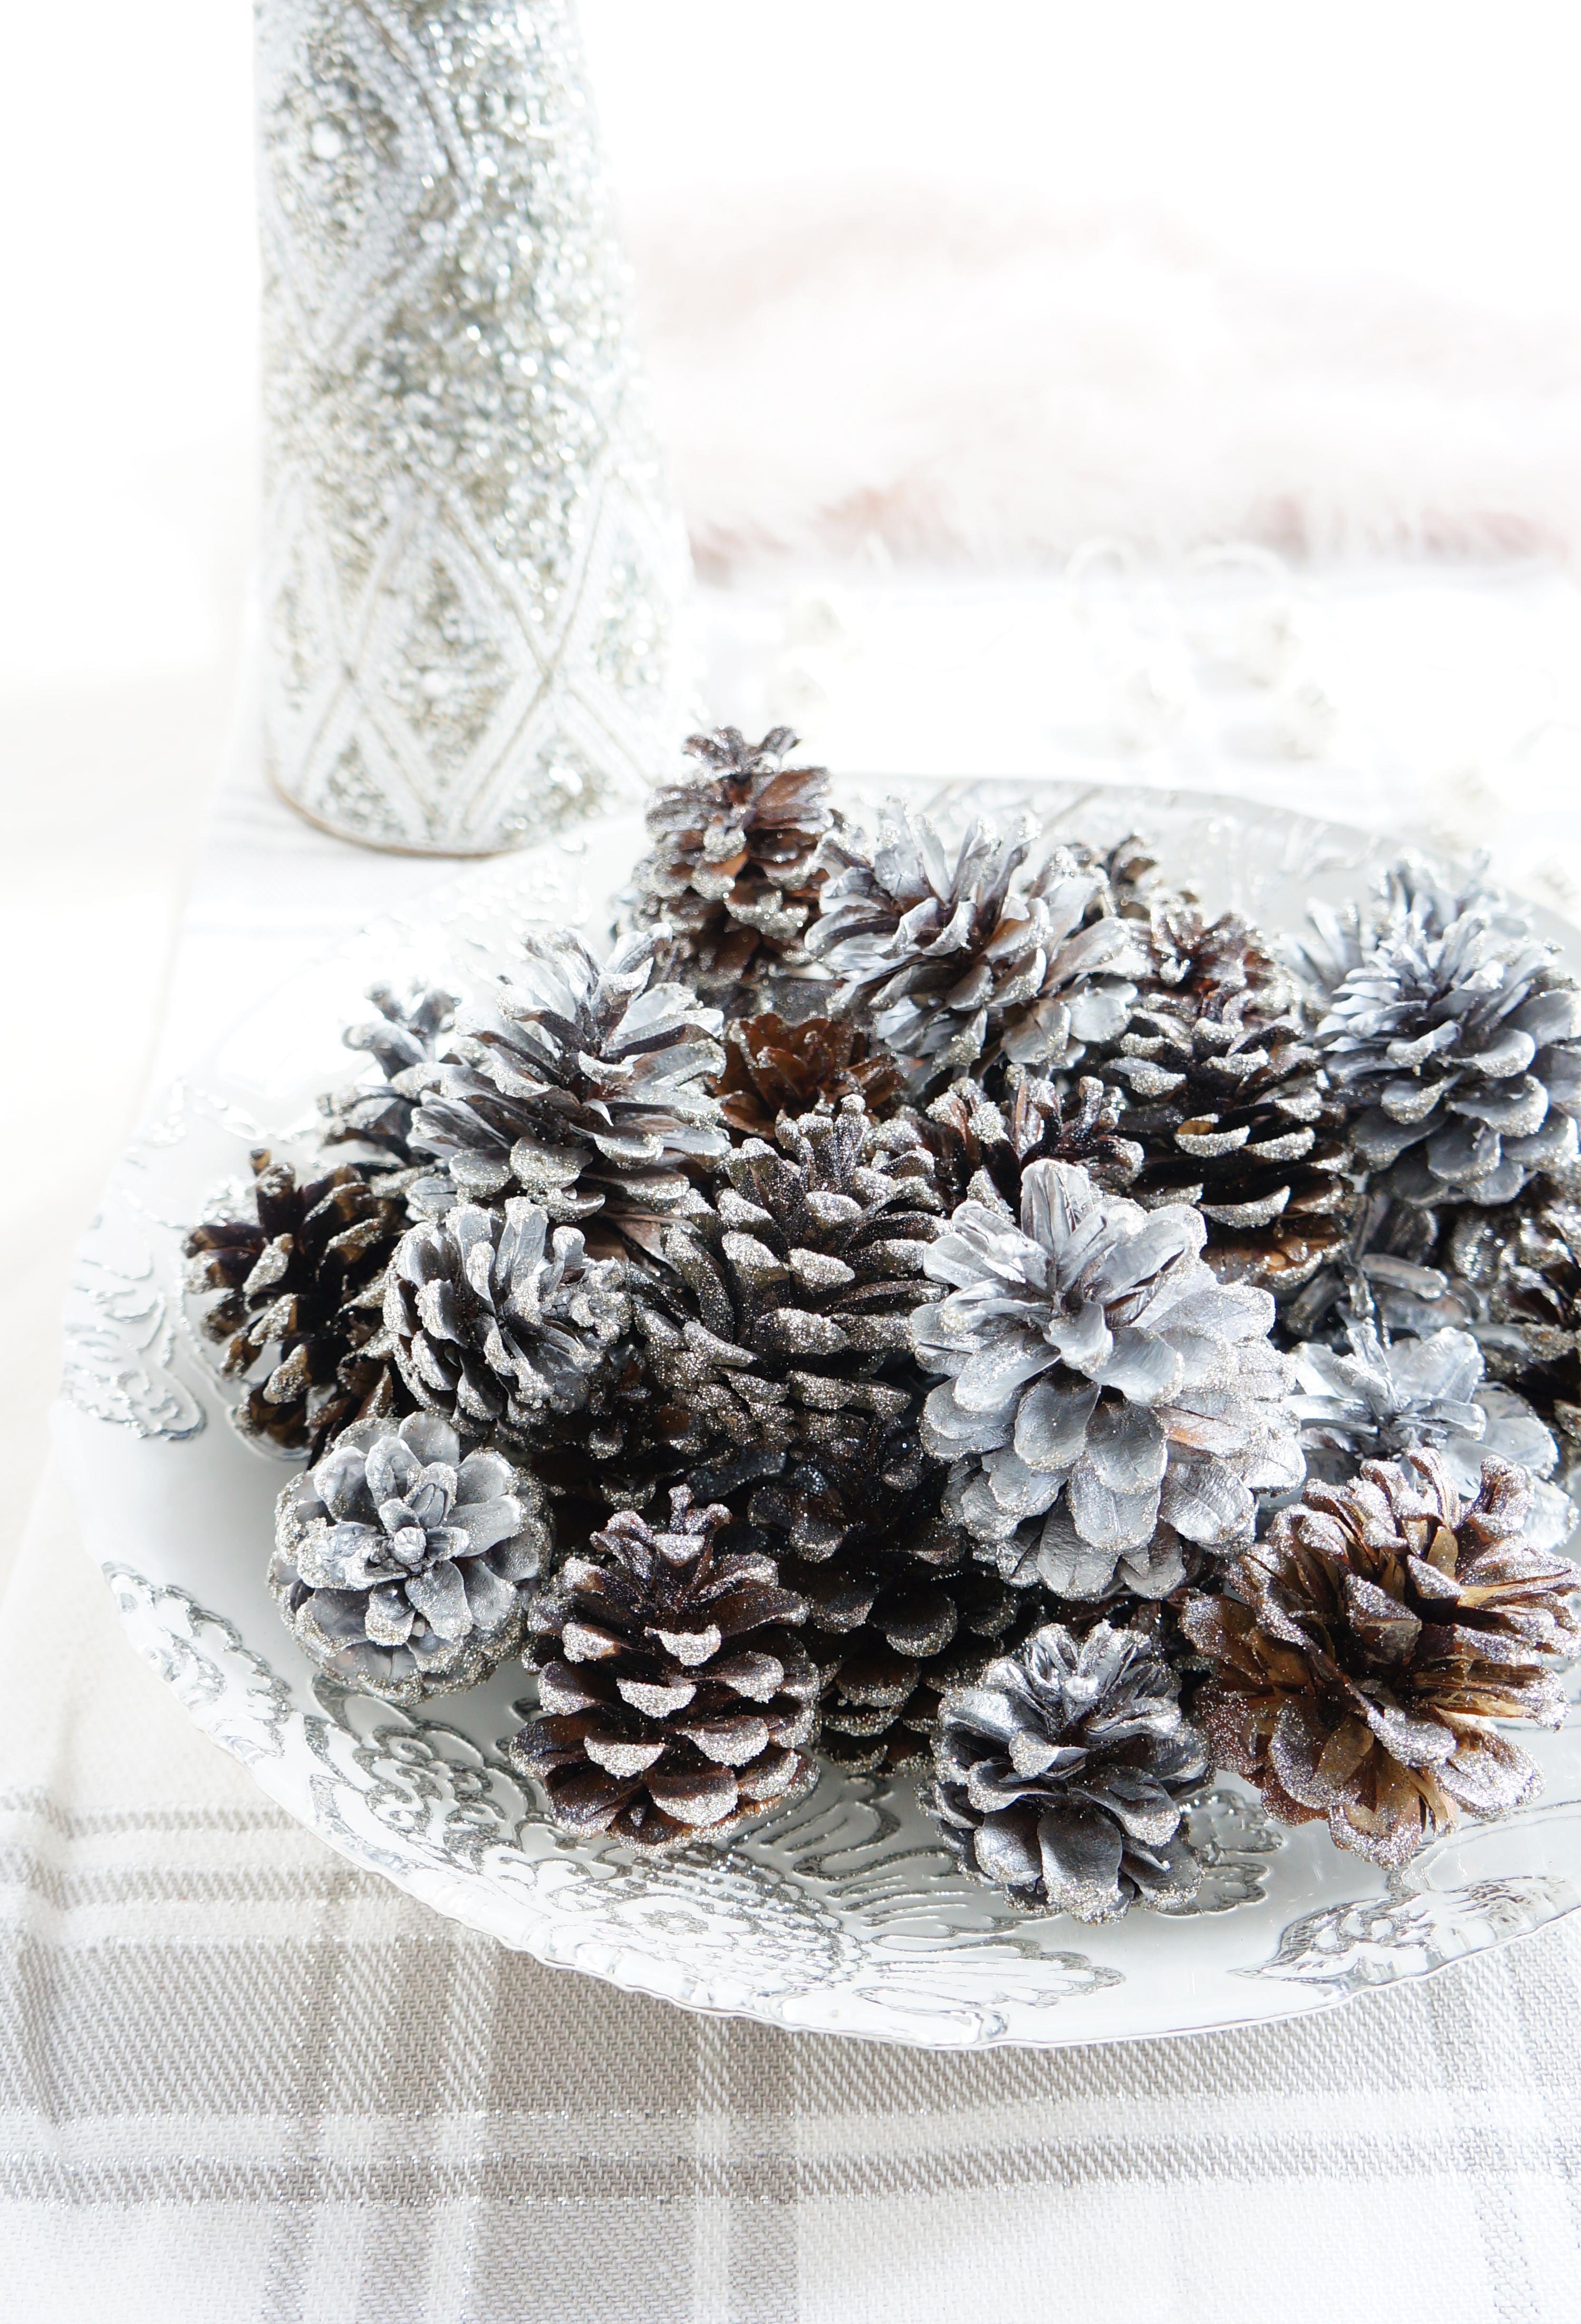 DIY sparkly pinecone display